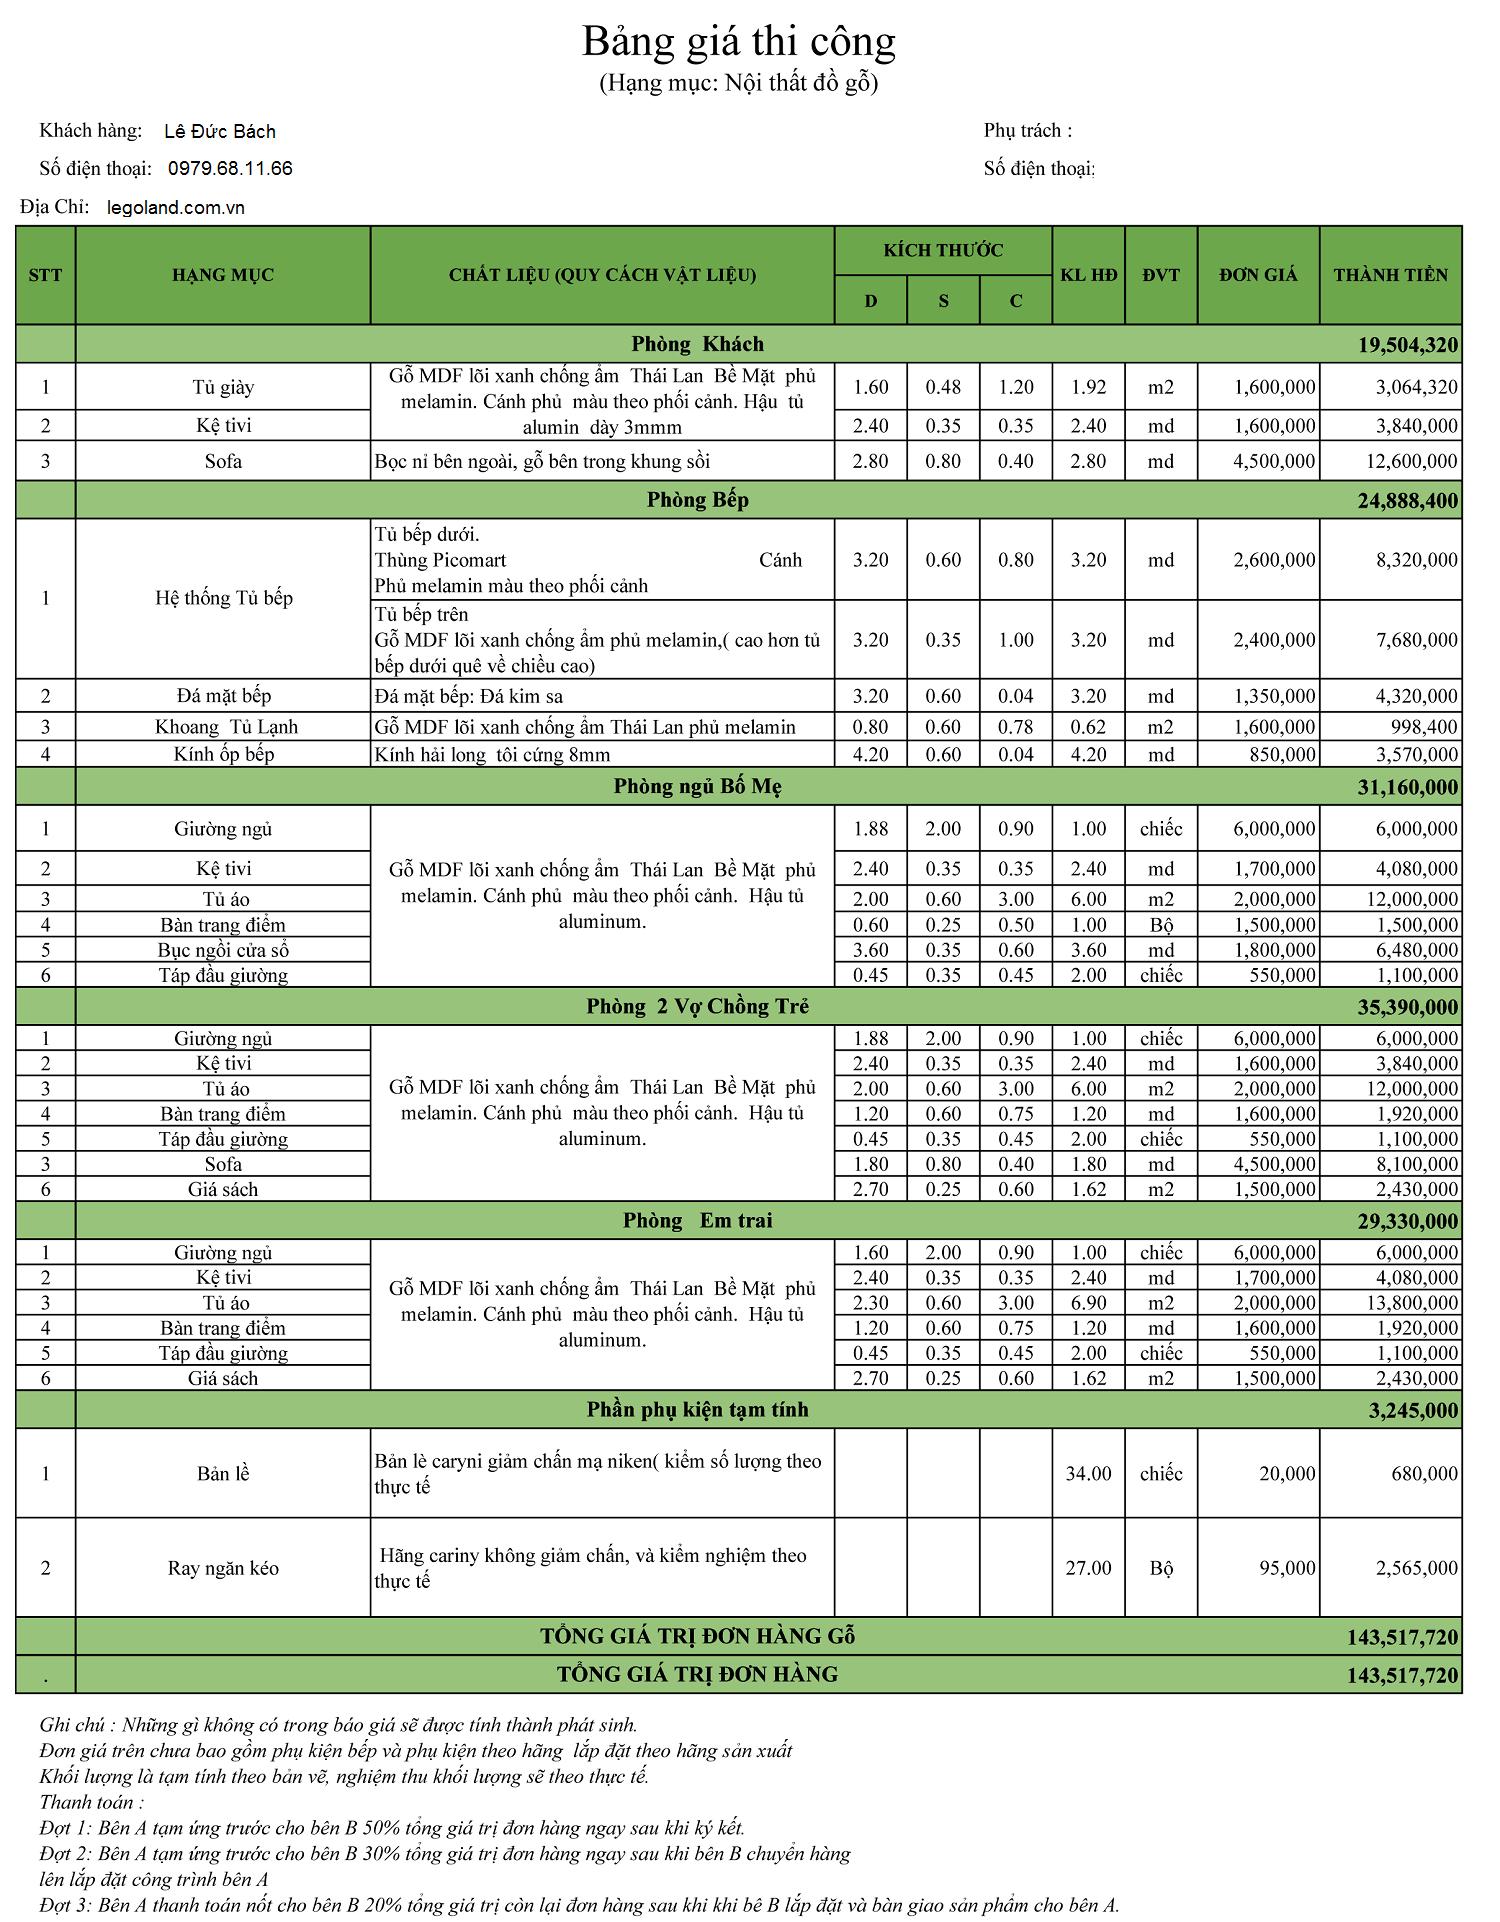 Bảng giá thi công thiết kế nội thất